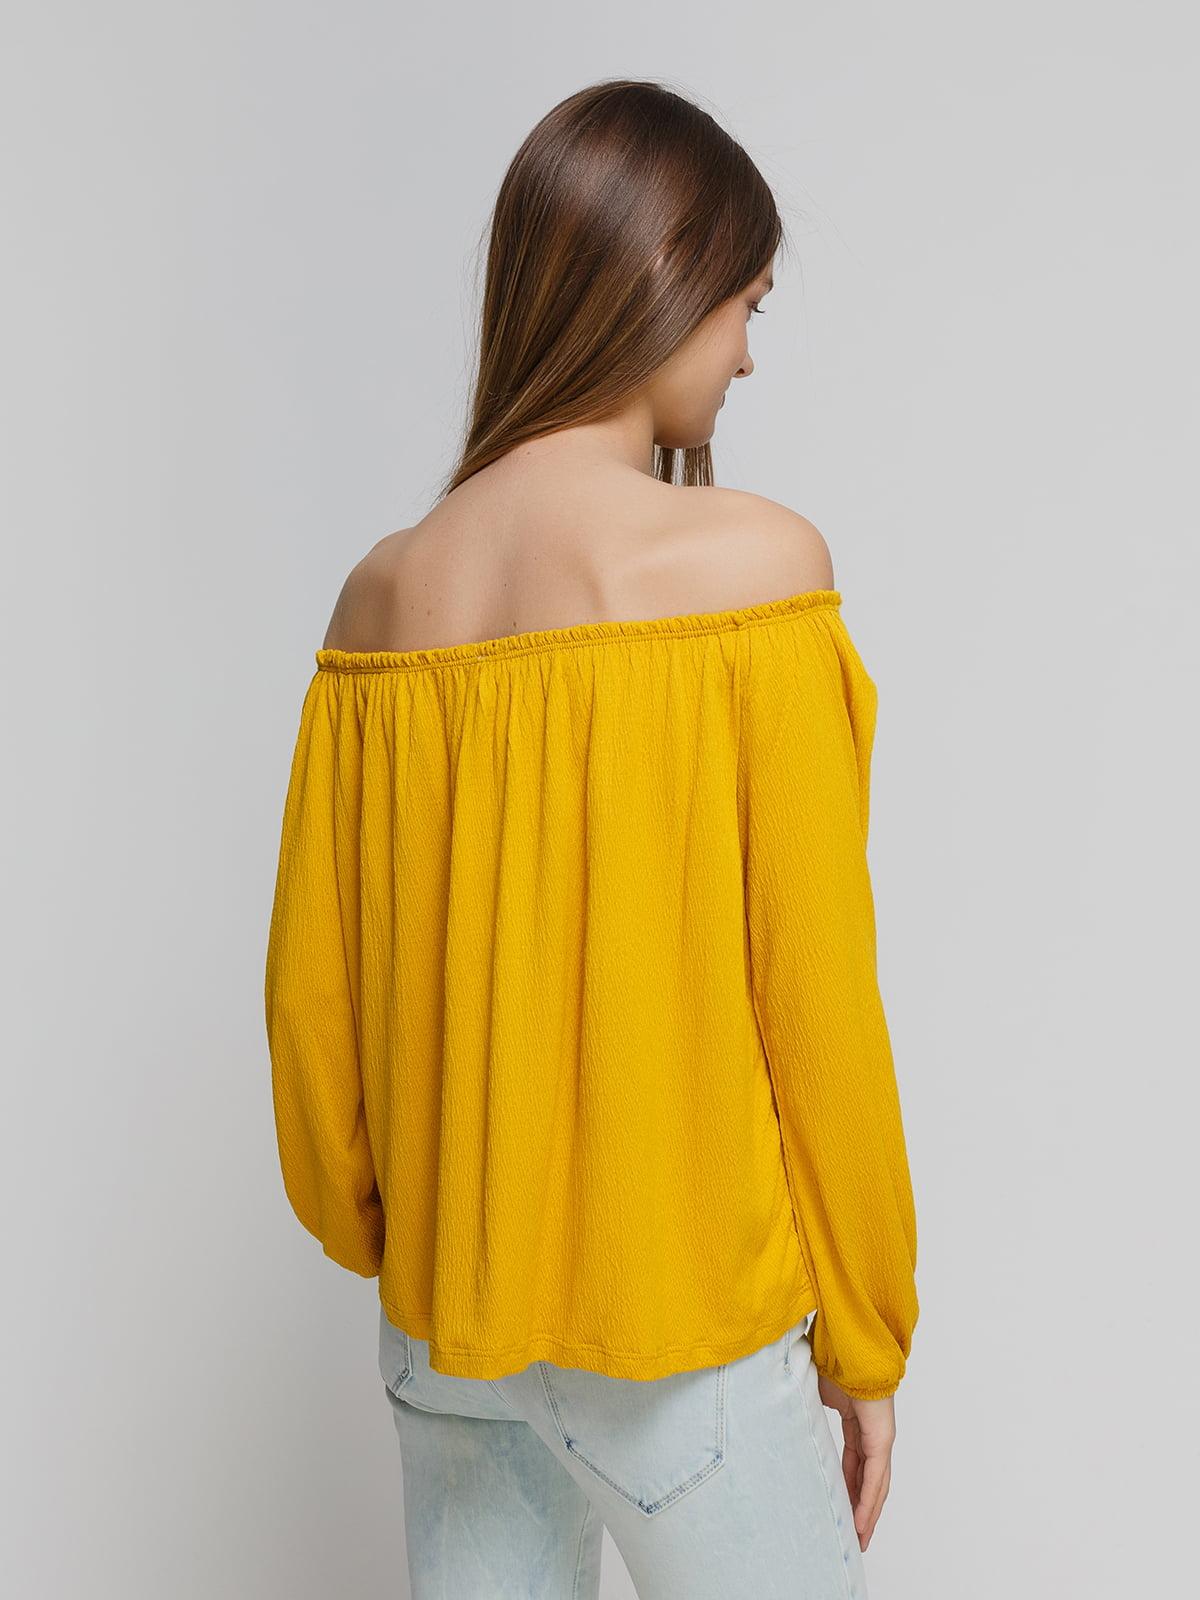 Блуза желтая   4545859   фото 2